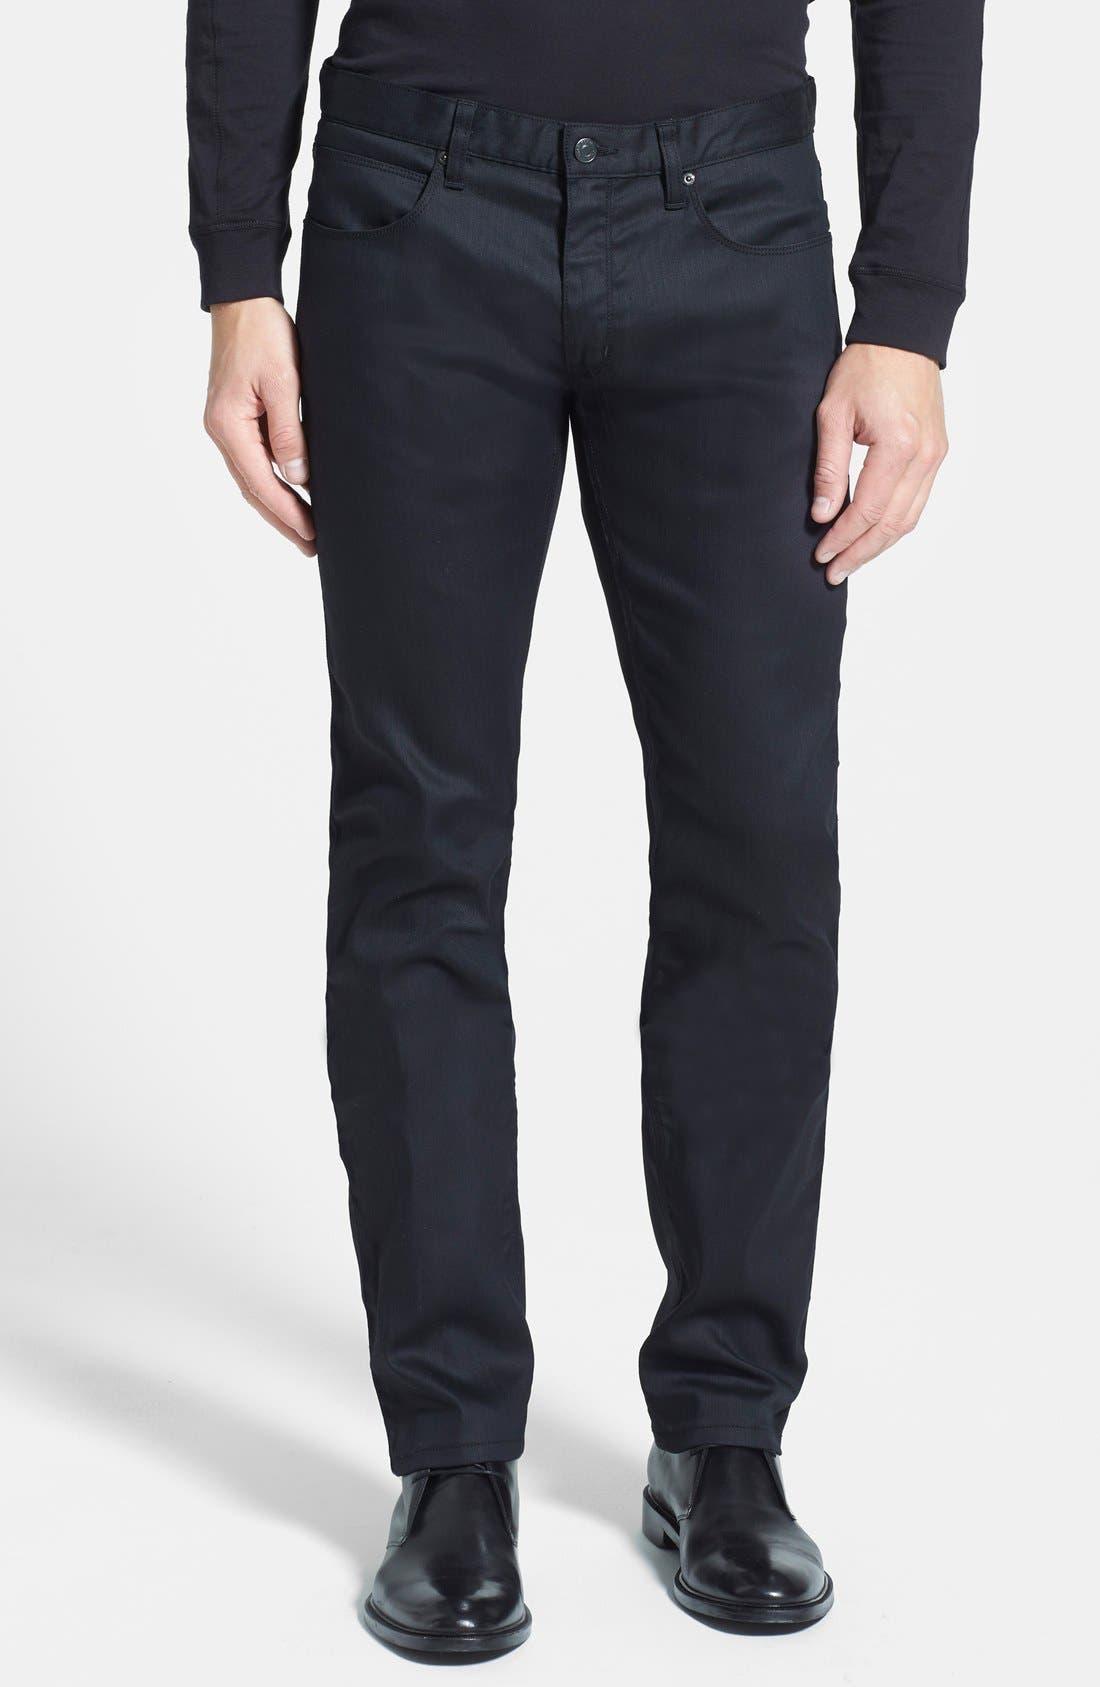 HUGO '708' Slim Fit Jeans,                         Main,                         color, 001